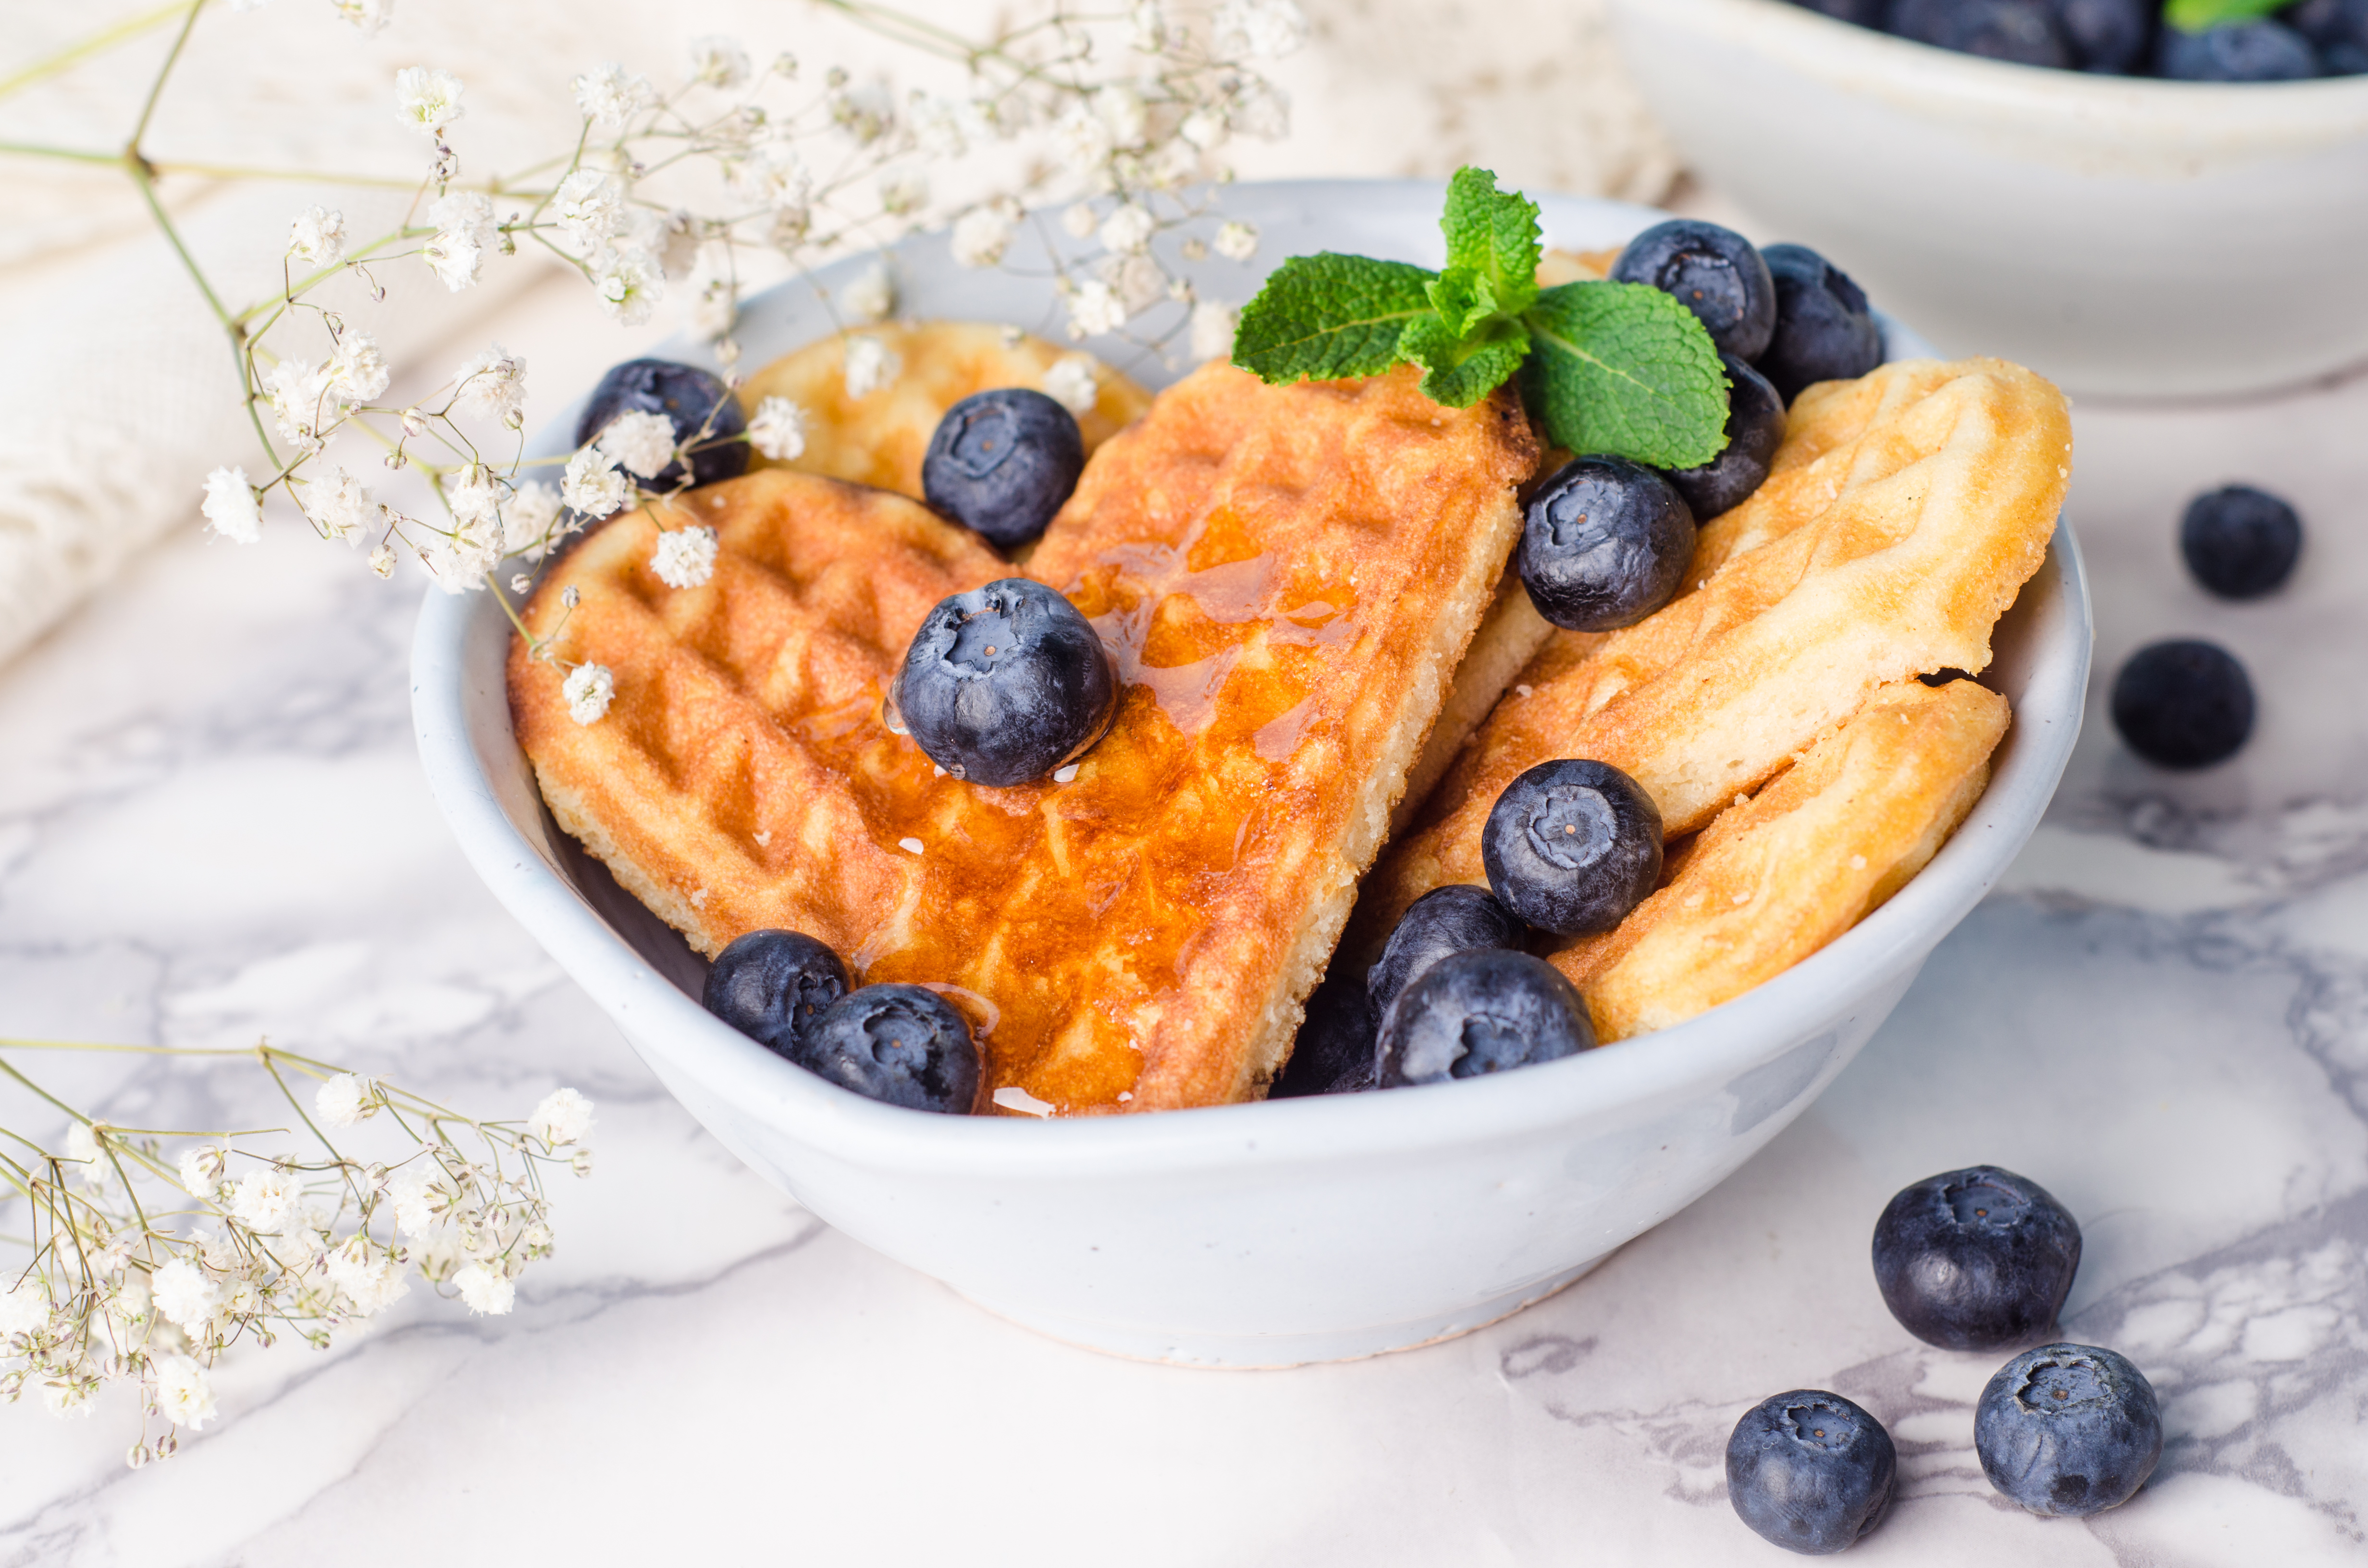 shutterstock_415563664 våffeldagen mat vitaminer hälsa glutenfria våfflor laktosfria våfflor gott vårfrudagen 25 januari recept doktorn.jpg